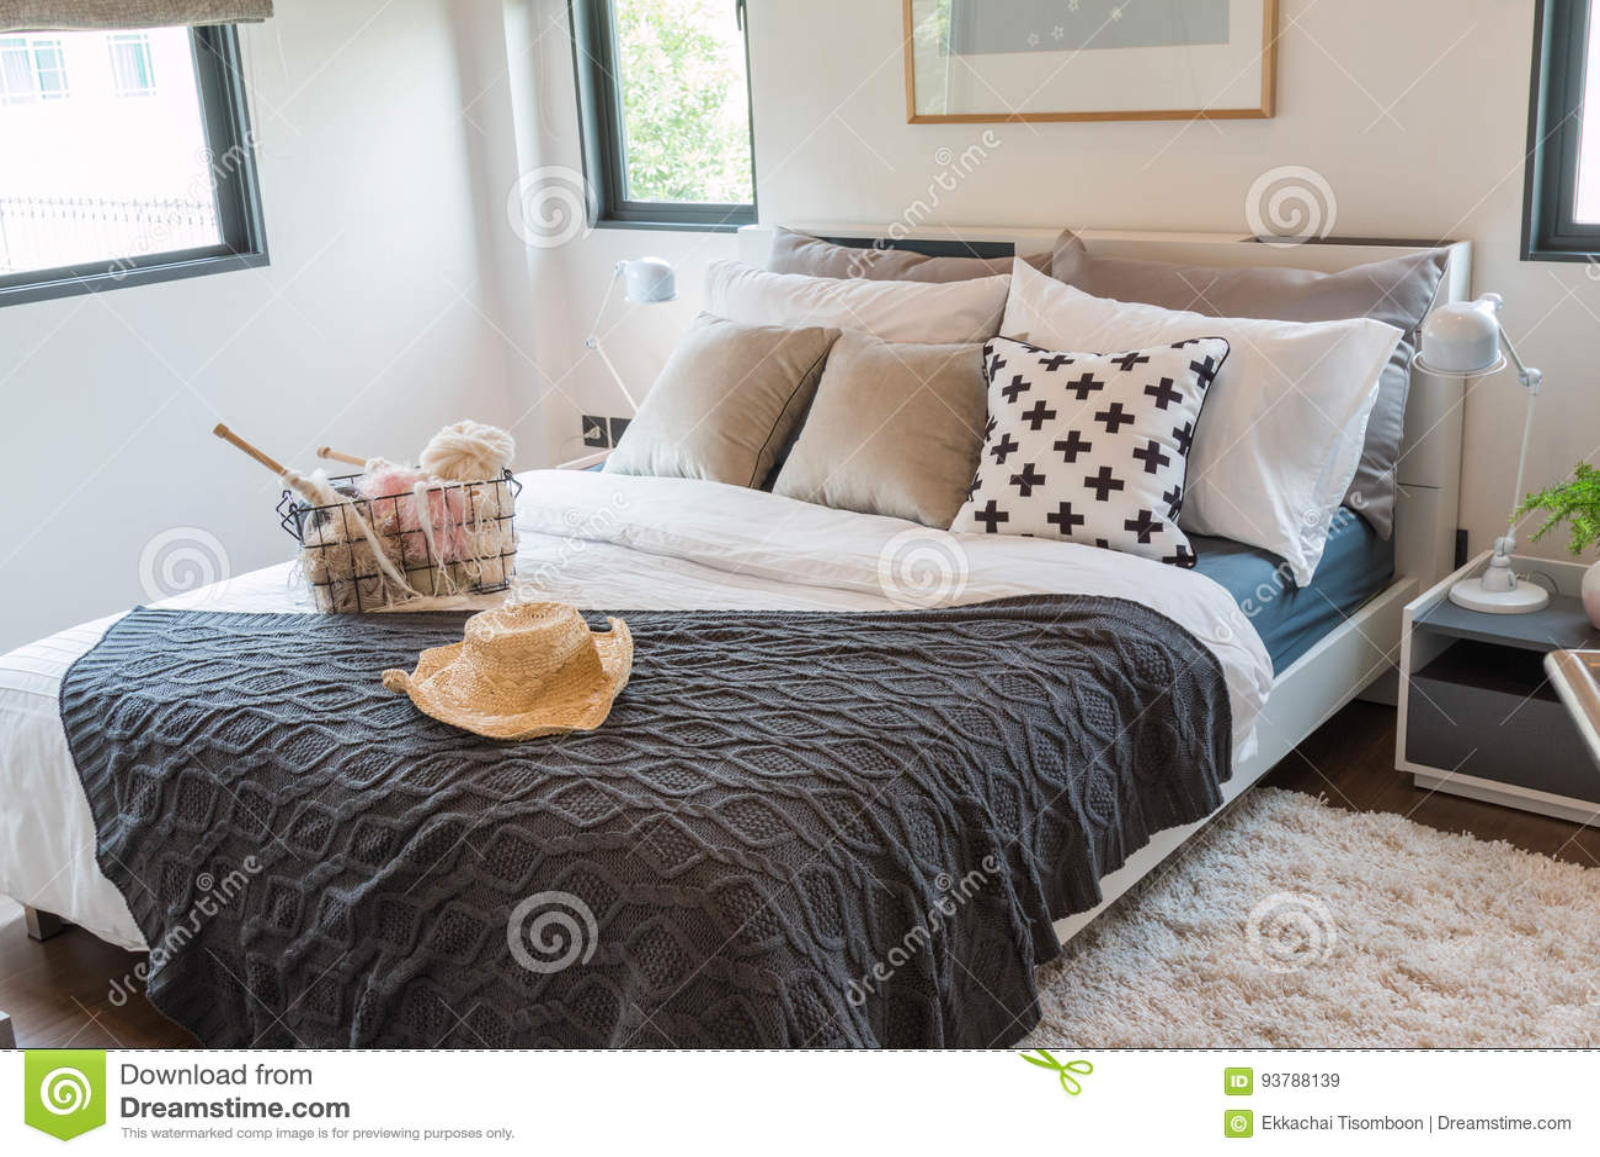 Bett Mit Vielen Kissen | Tee Set Auf Dem Bett Mit Vielen Kissen ...